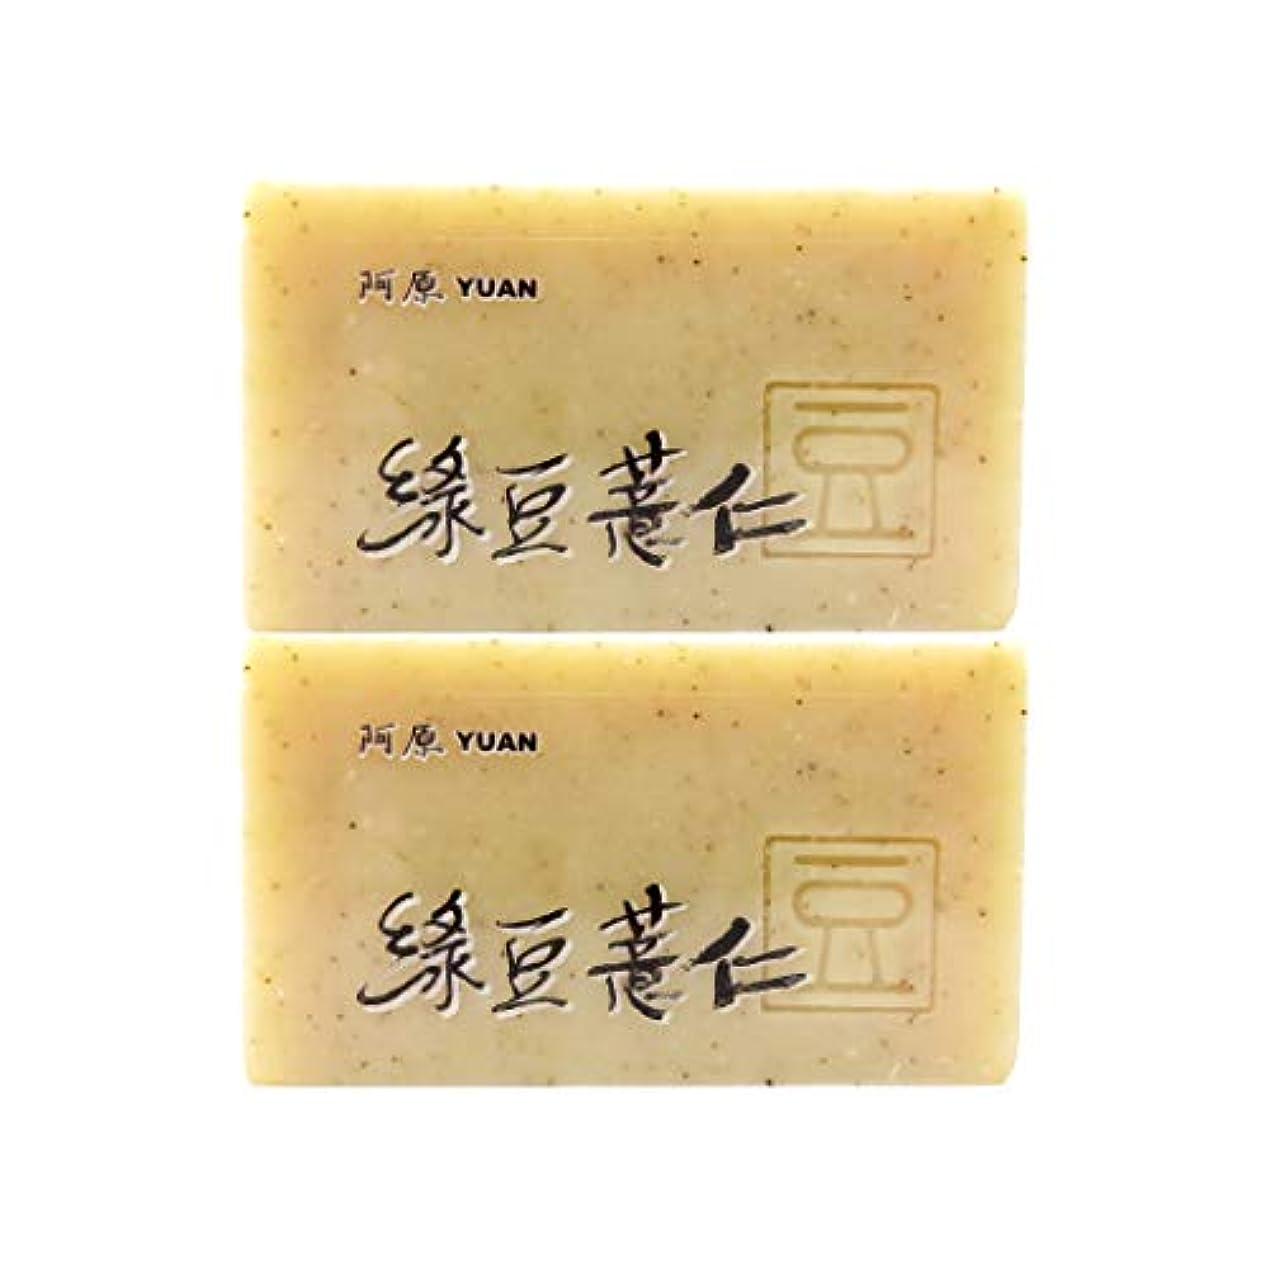 近傍寂しいその結果ユアン(YUAN) ハトムギ+リョクトウソープ 100g (2個セット)